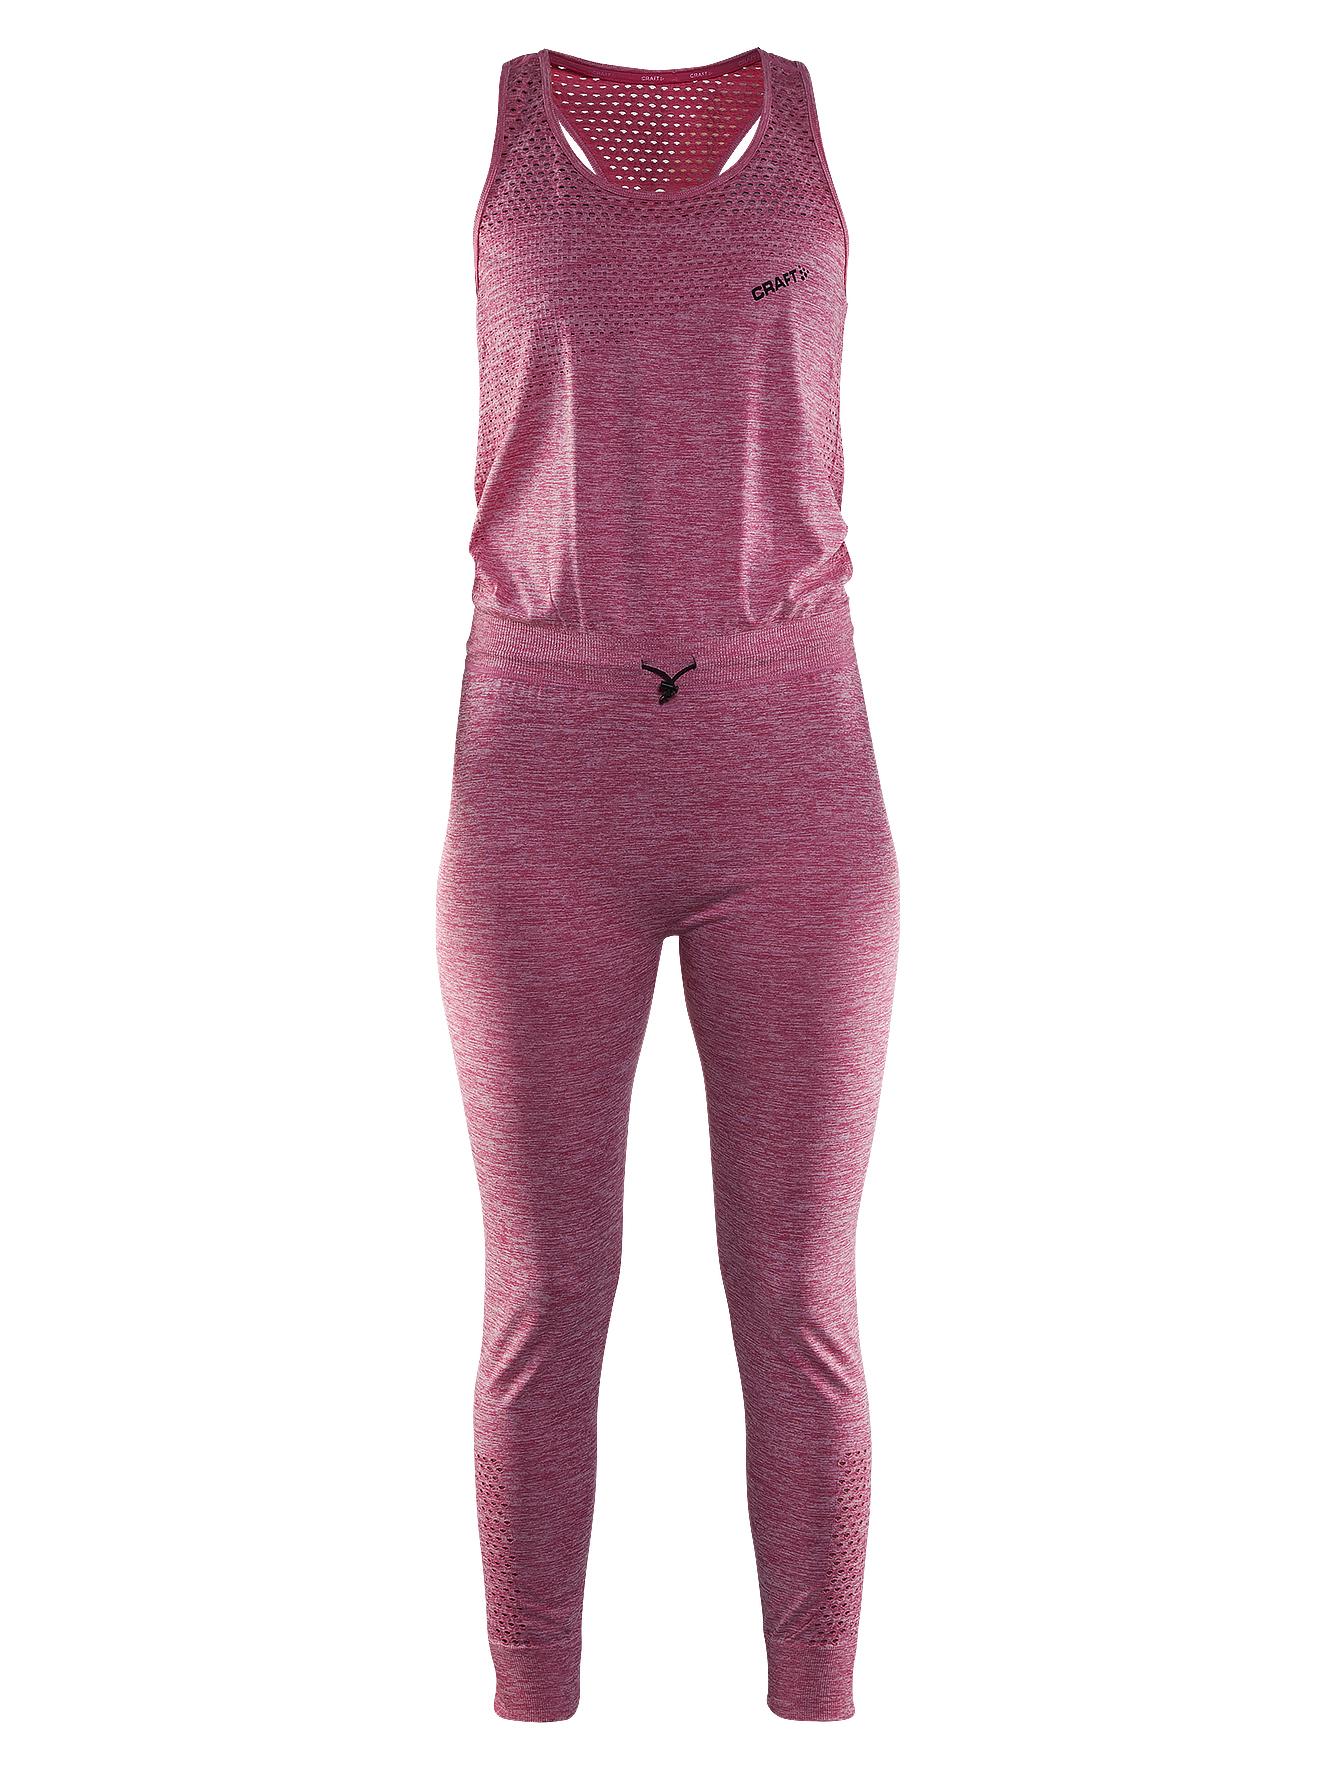 Комбинезон для йоги и фитнеса Craft CORE женский 1904868 купить в ... 9977e1a10bc